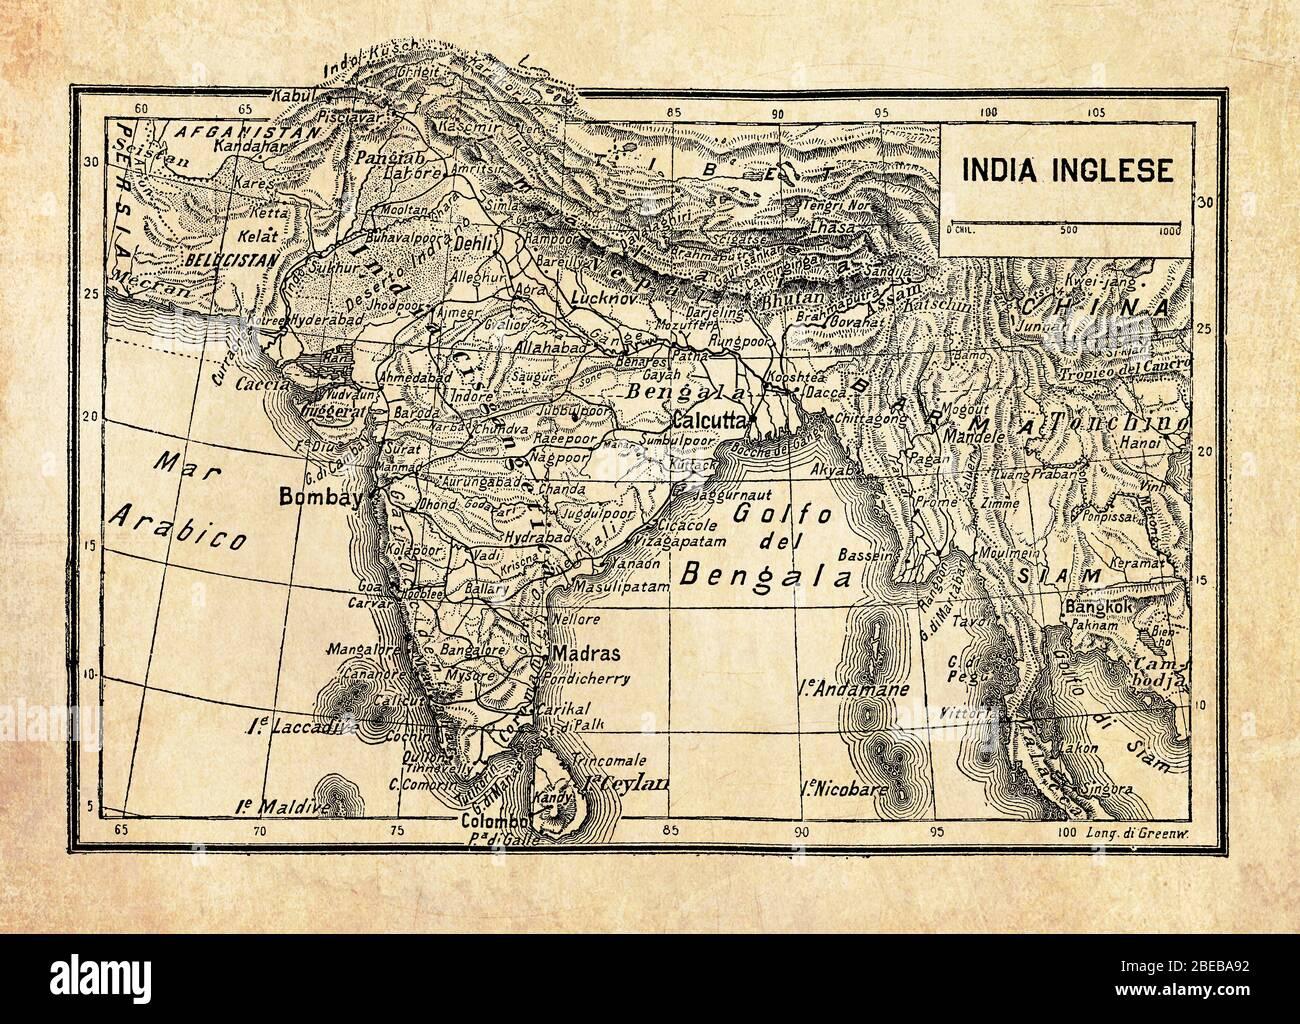 Cartina Muta Del Subcontinente Indiano.Antica Mappa Dell Impero Britannico In India O Raj Britannico Sul Subcontinente Indiano Formata Da India Pakistan E Bangladesh Con Nomi E Descrizioni Geografiche Italiane Foto Stock Alamy